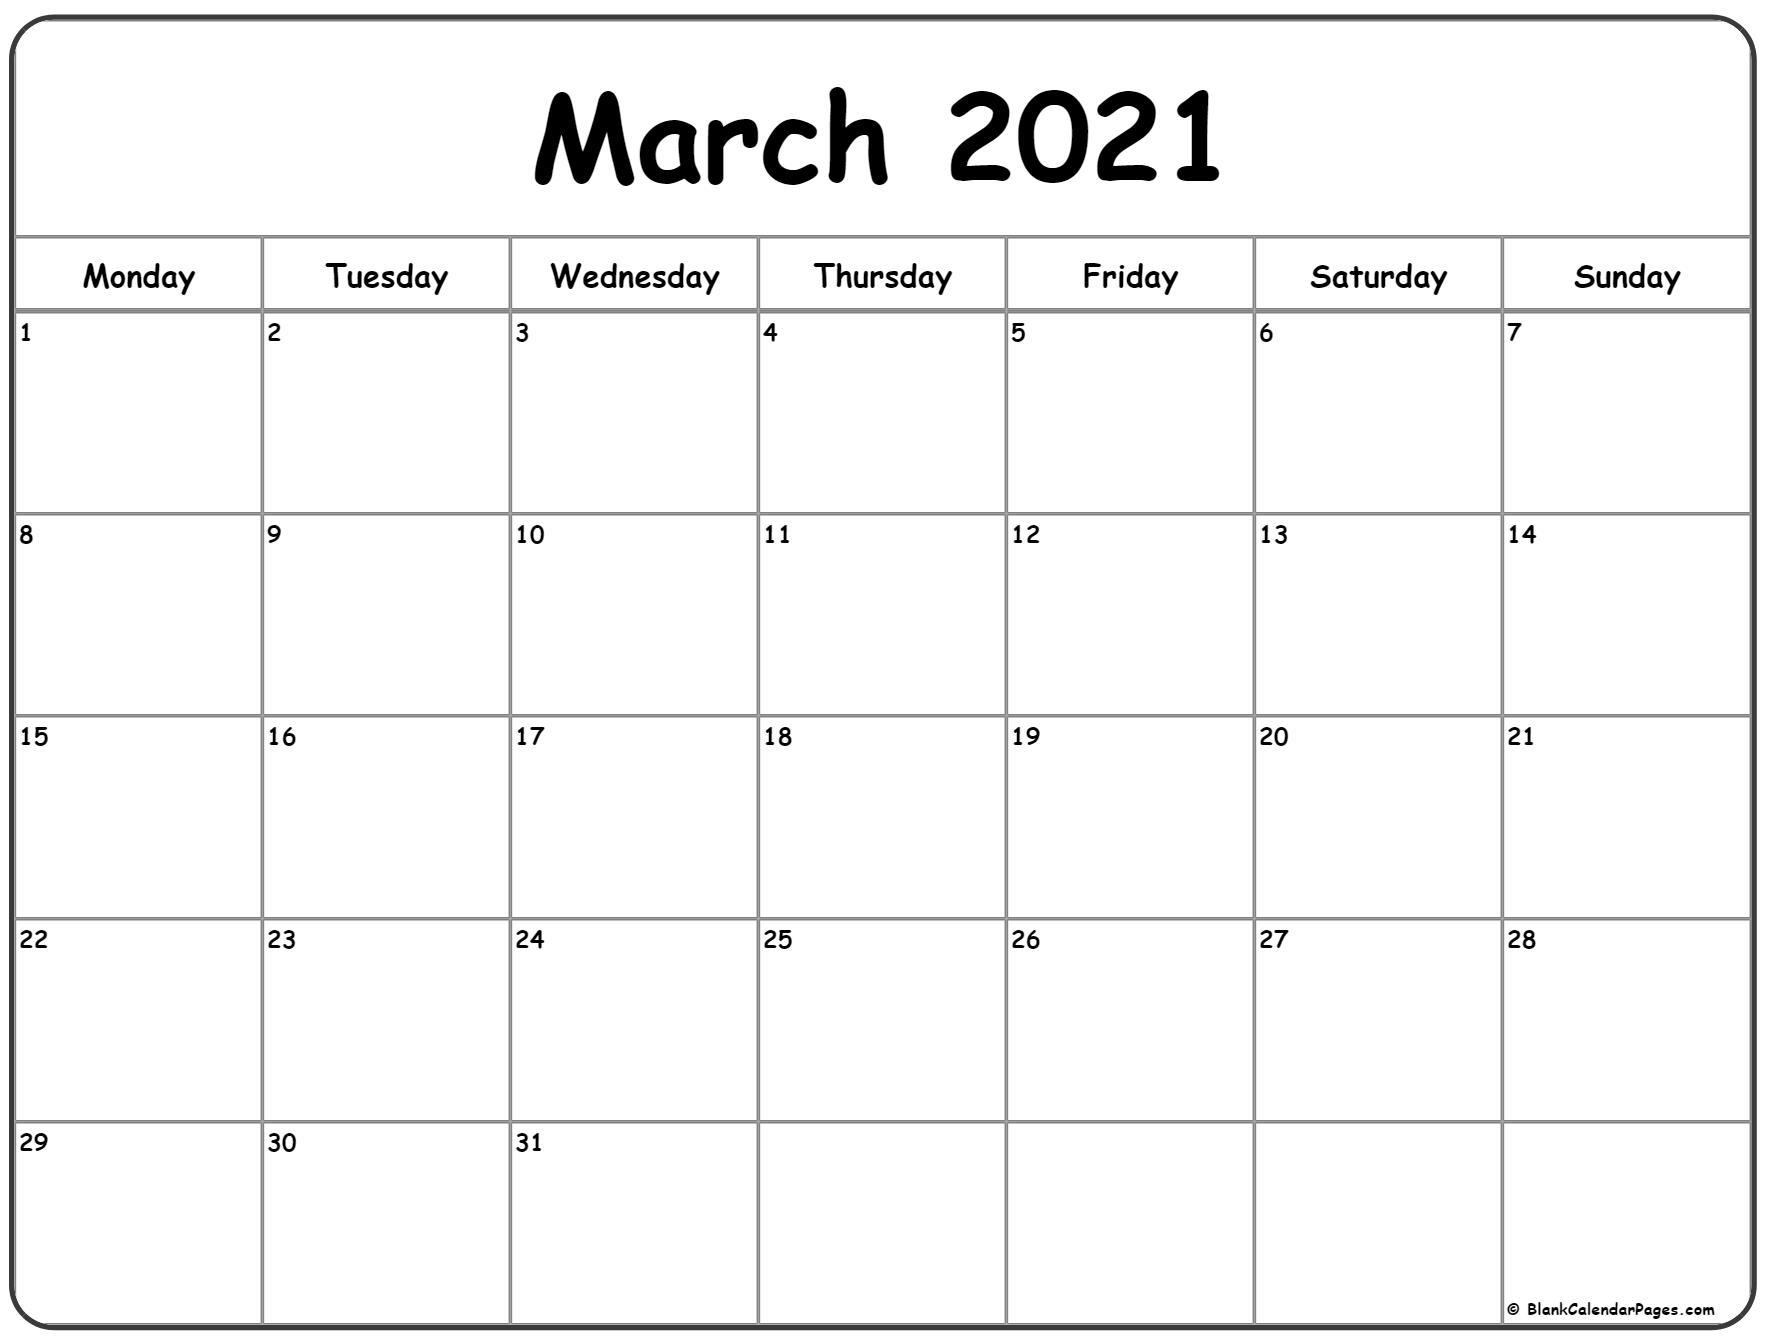 March 2021 Monday Calendar | Monday To Sunday for Free Printable Calendar Monday Through Friday